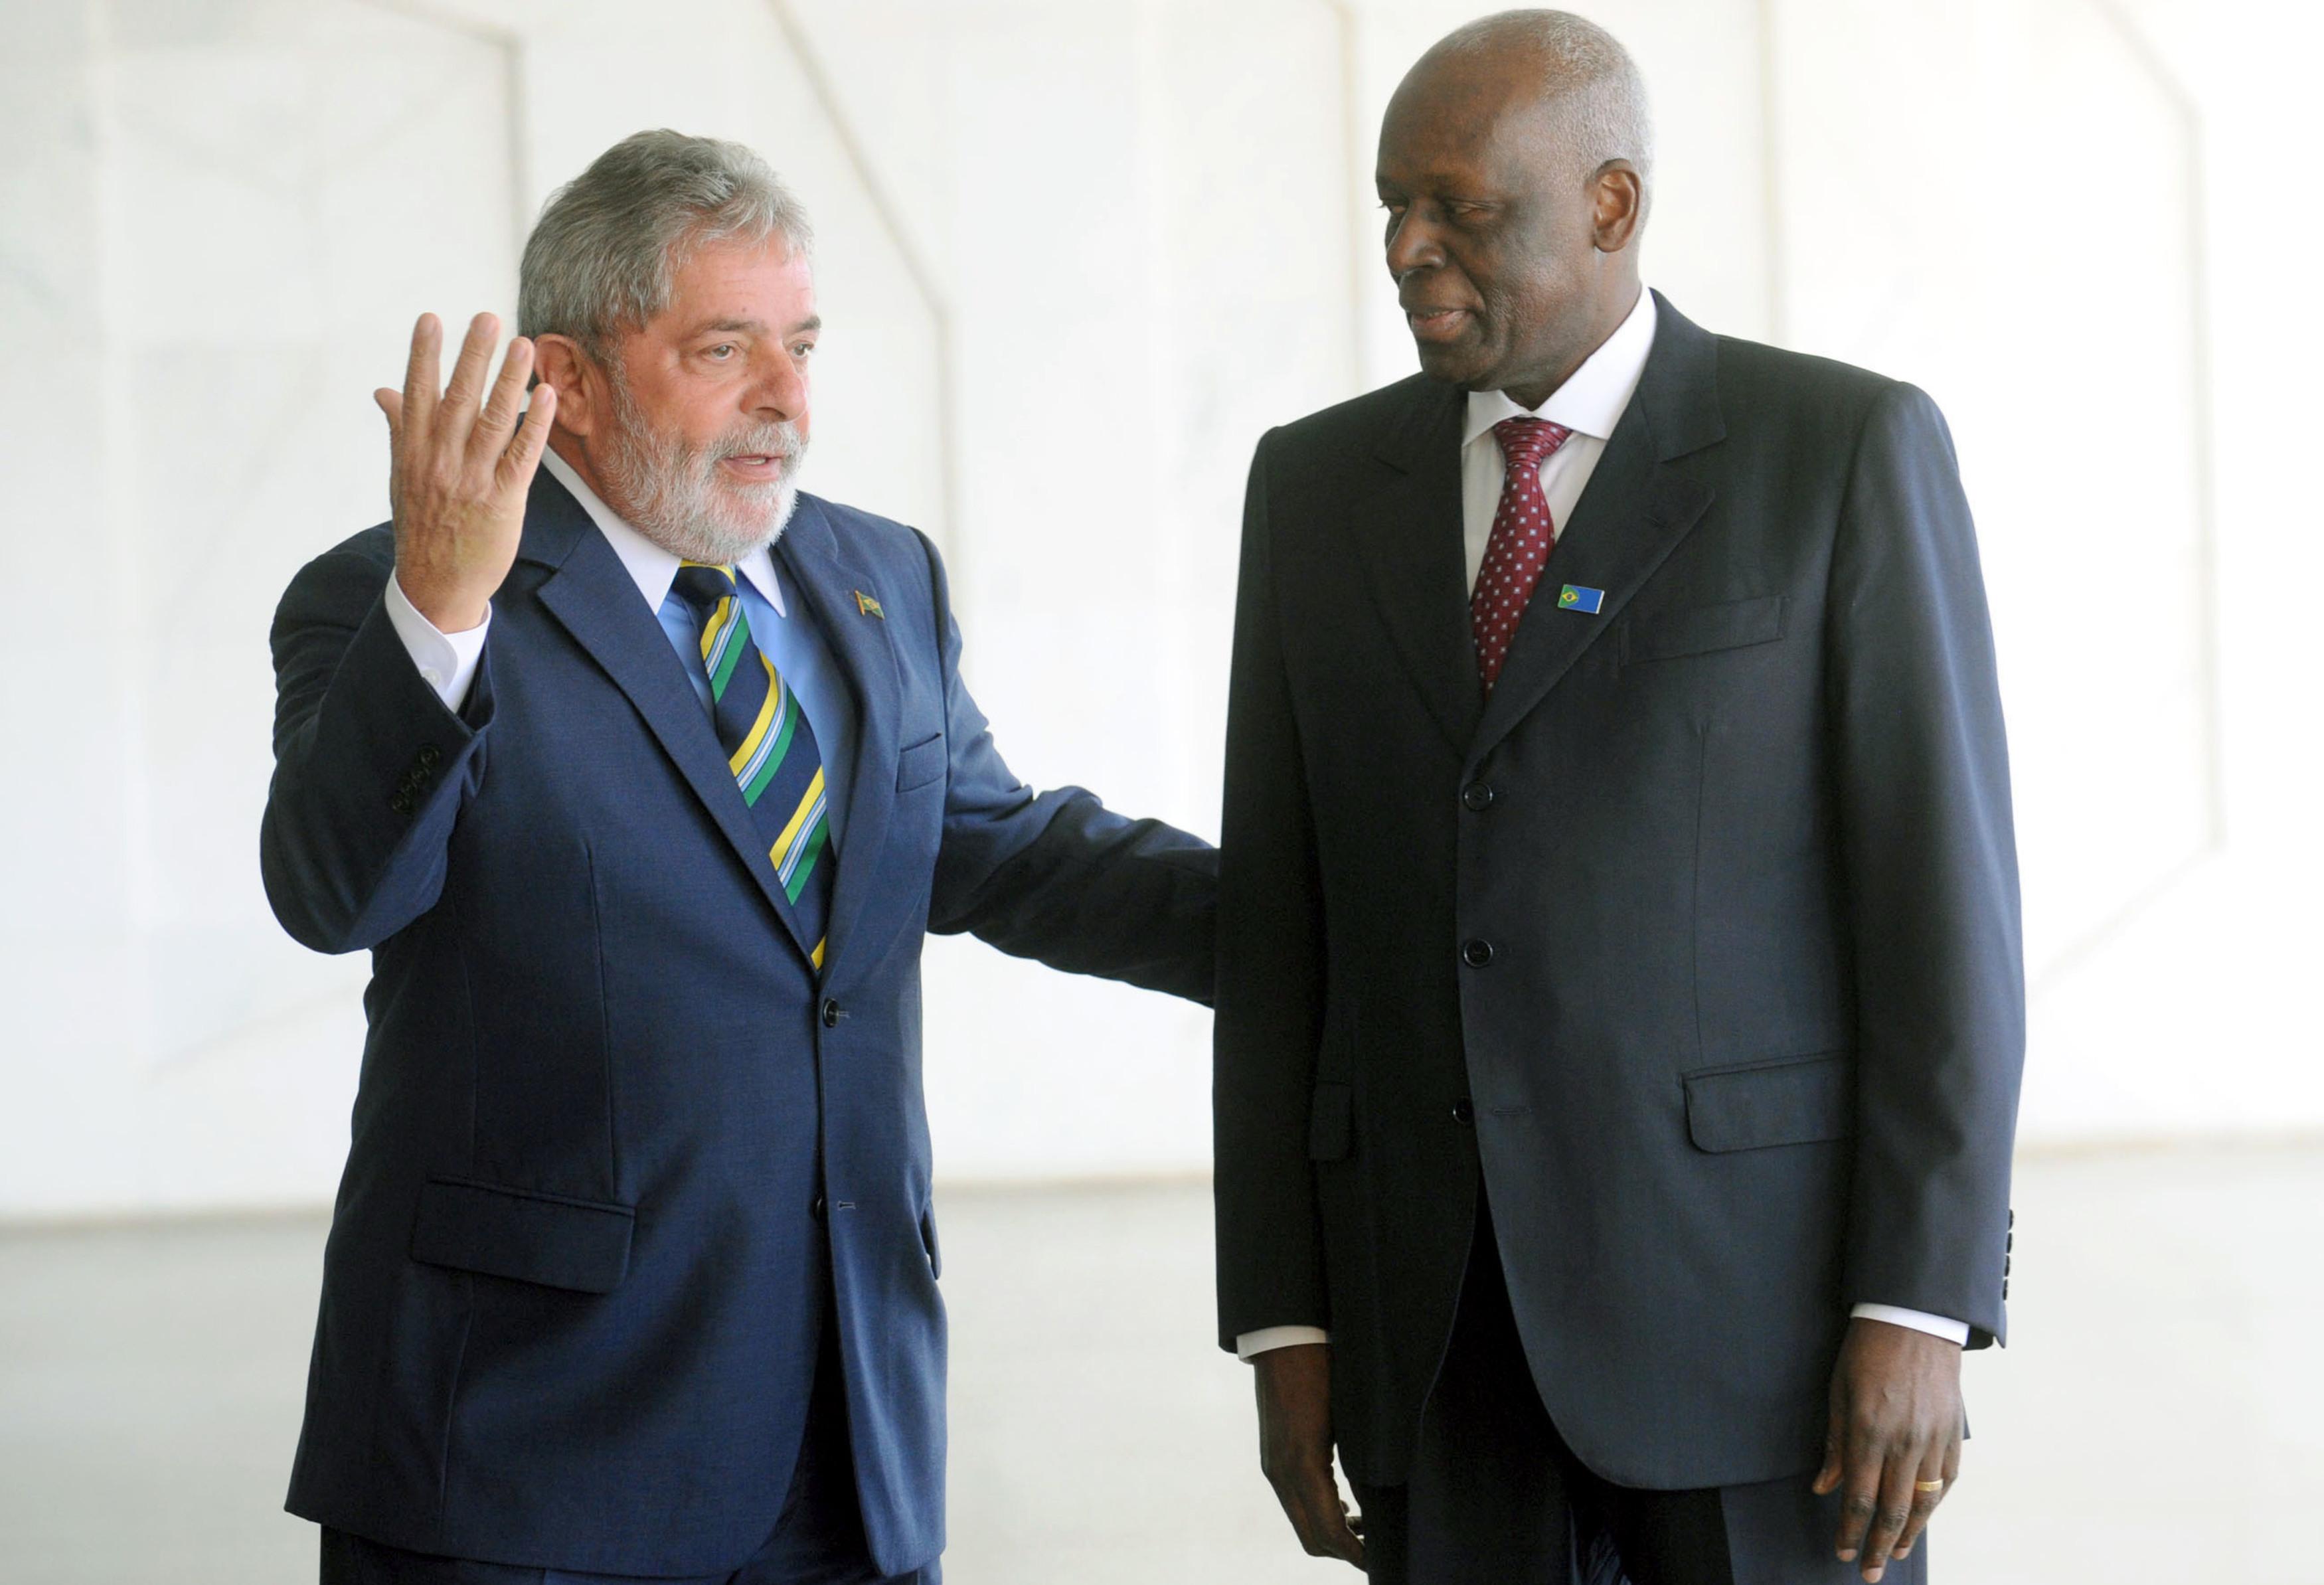 Wilson Dias/Agência Brasil - 23/06/2010